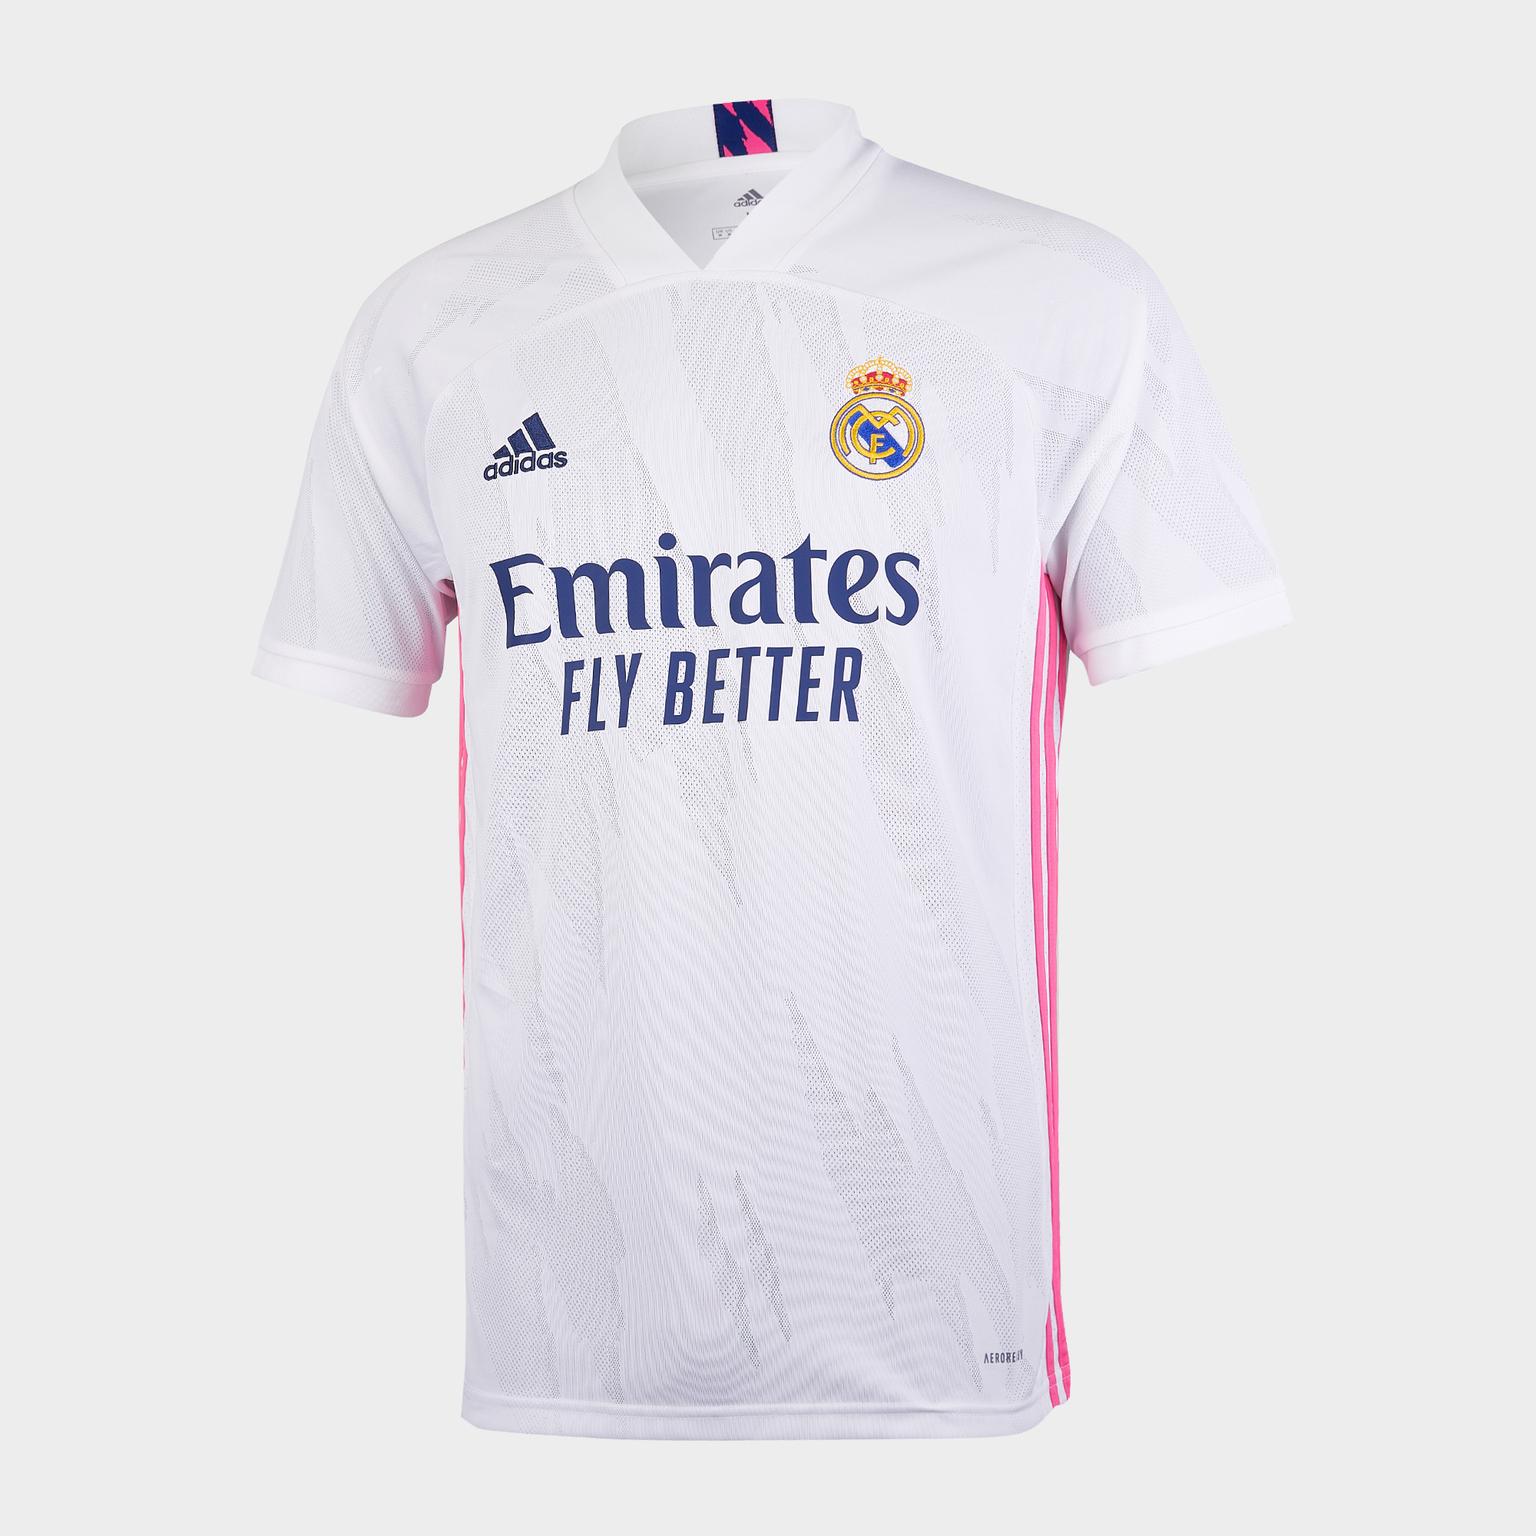 Футболка игровая домашняя Adidas Real Madrid сезон 2020/21 шорты тренировочные adidas real madrid сезон 2020 21